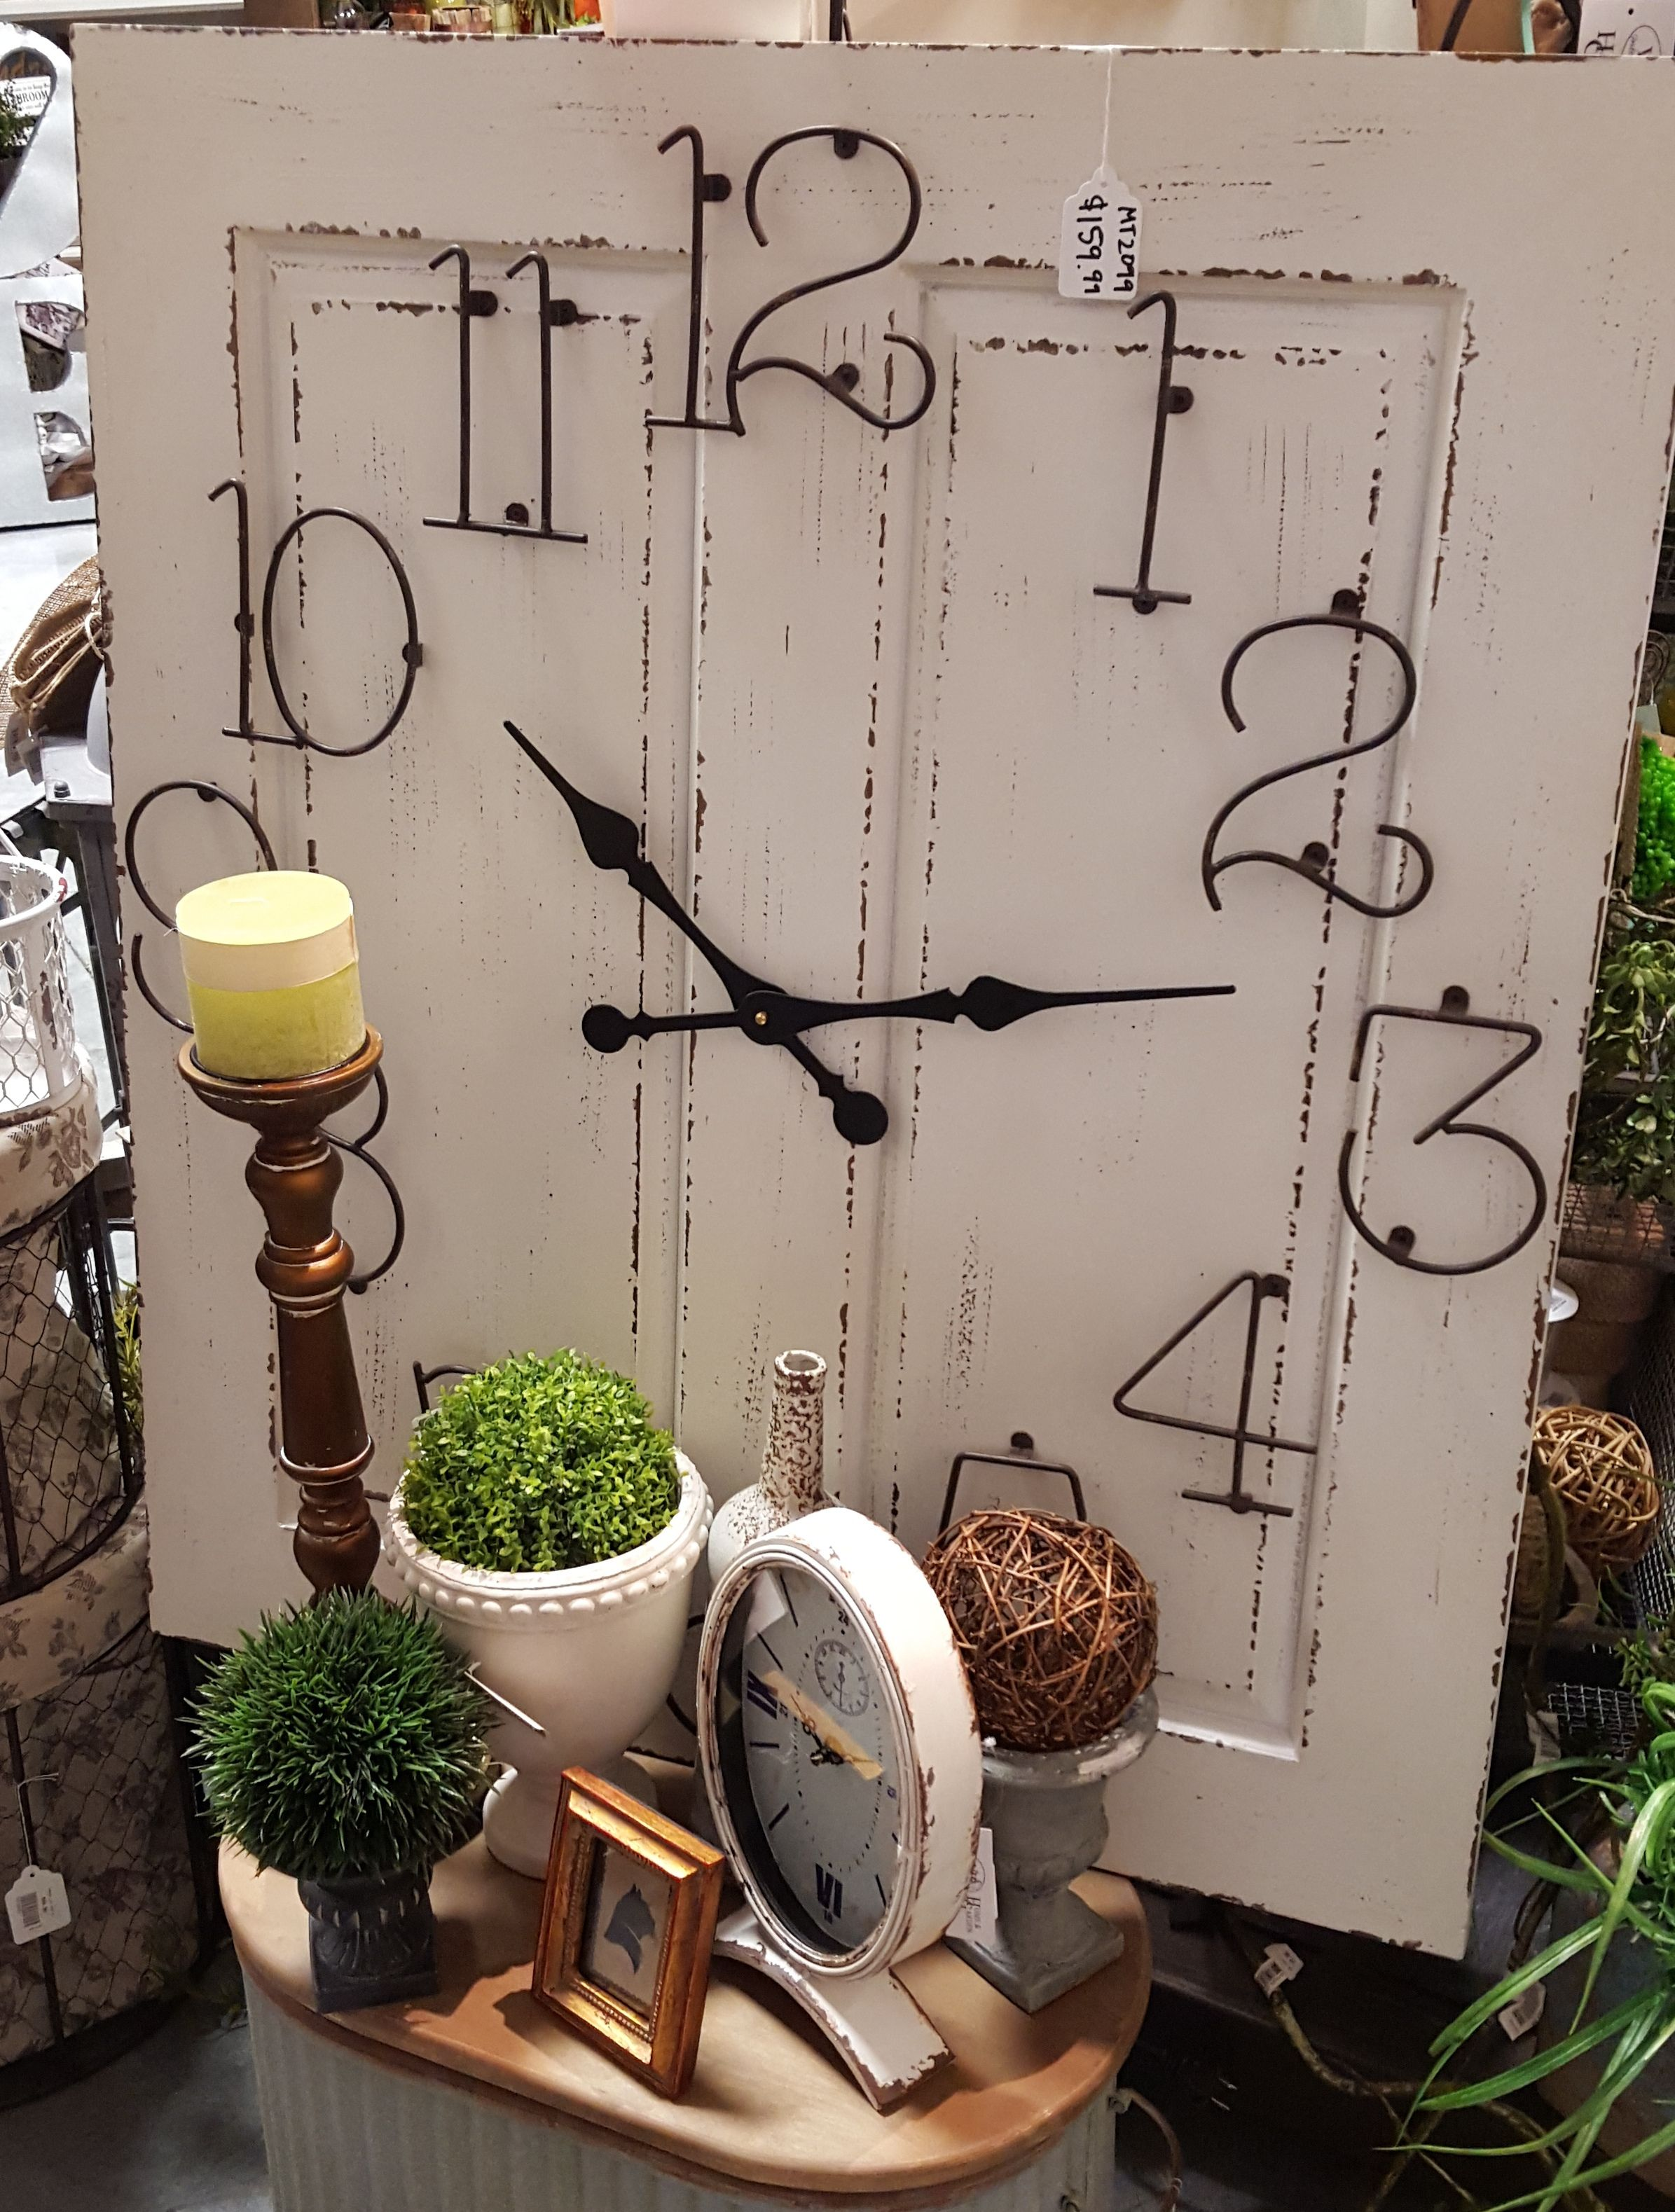 Best 25 Clock ideas ideas on Pinterest  Man cave diy